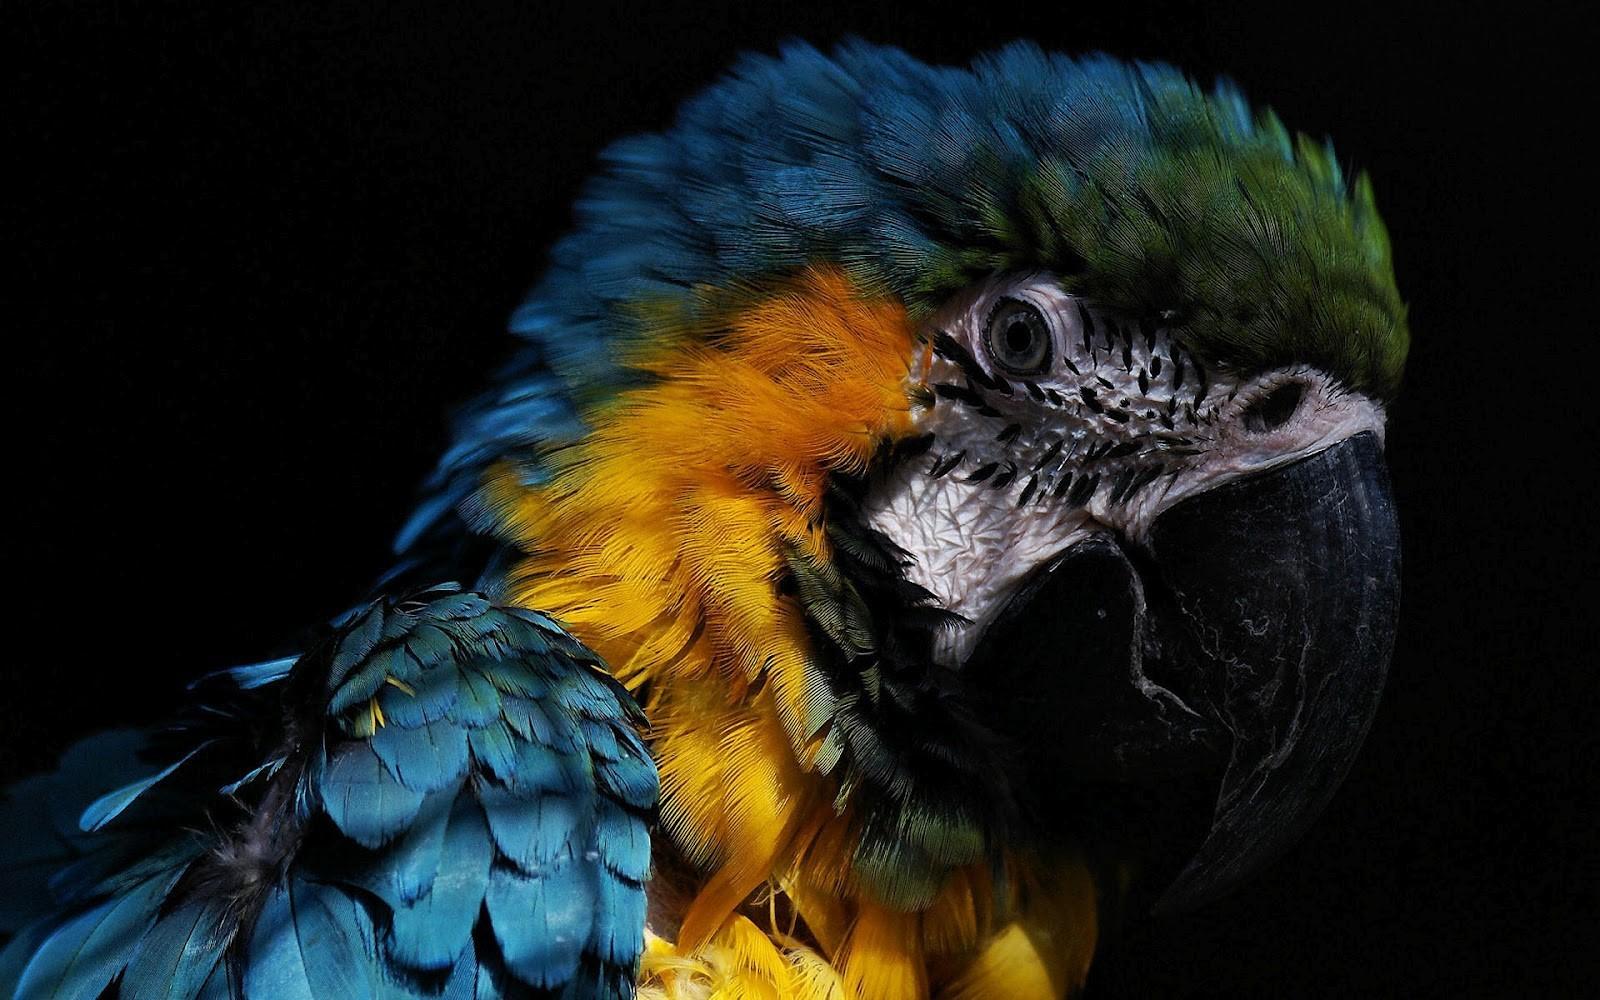 HD Parrot Face Wallpaper HD Wallpapers 1600x1000